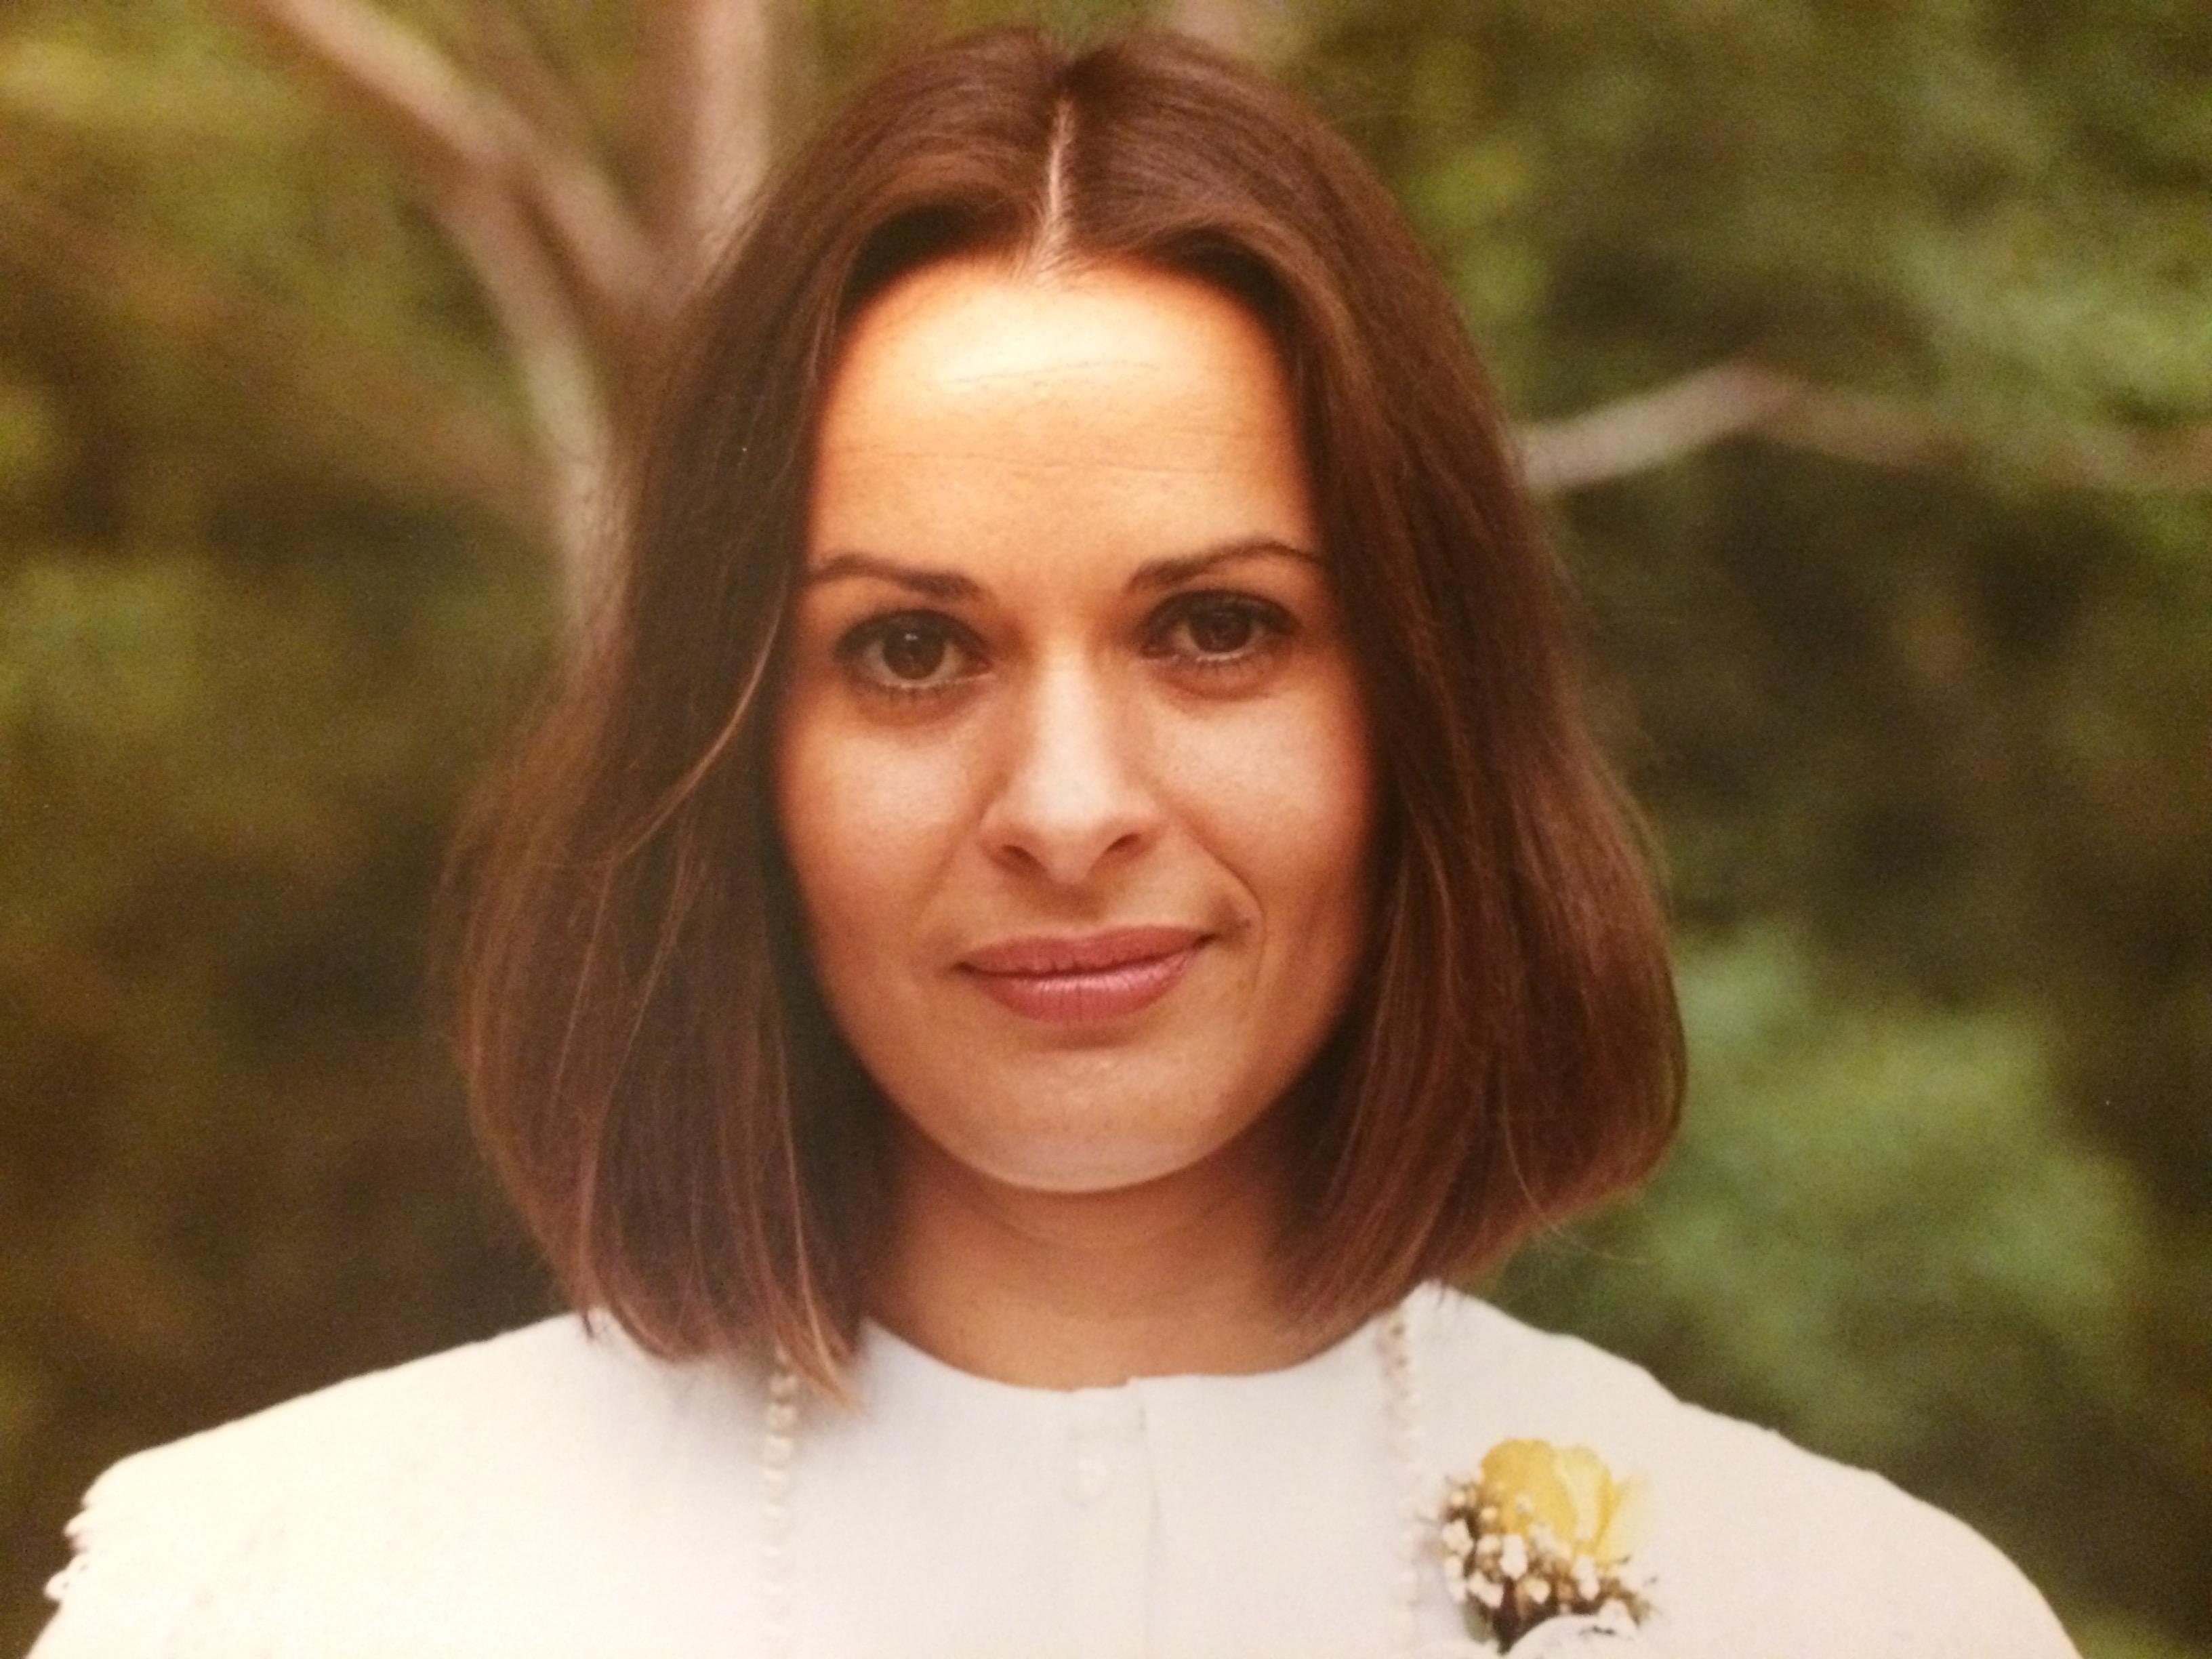 Cherie Levien